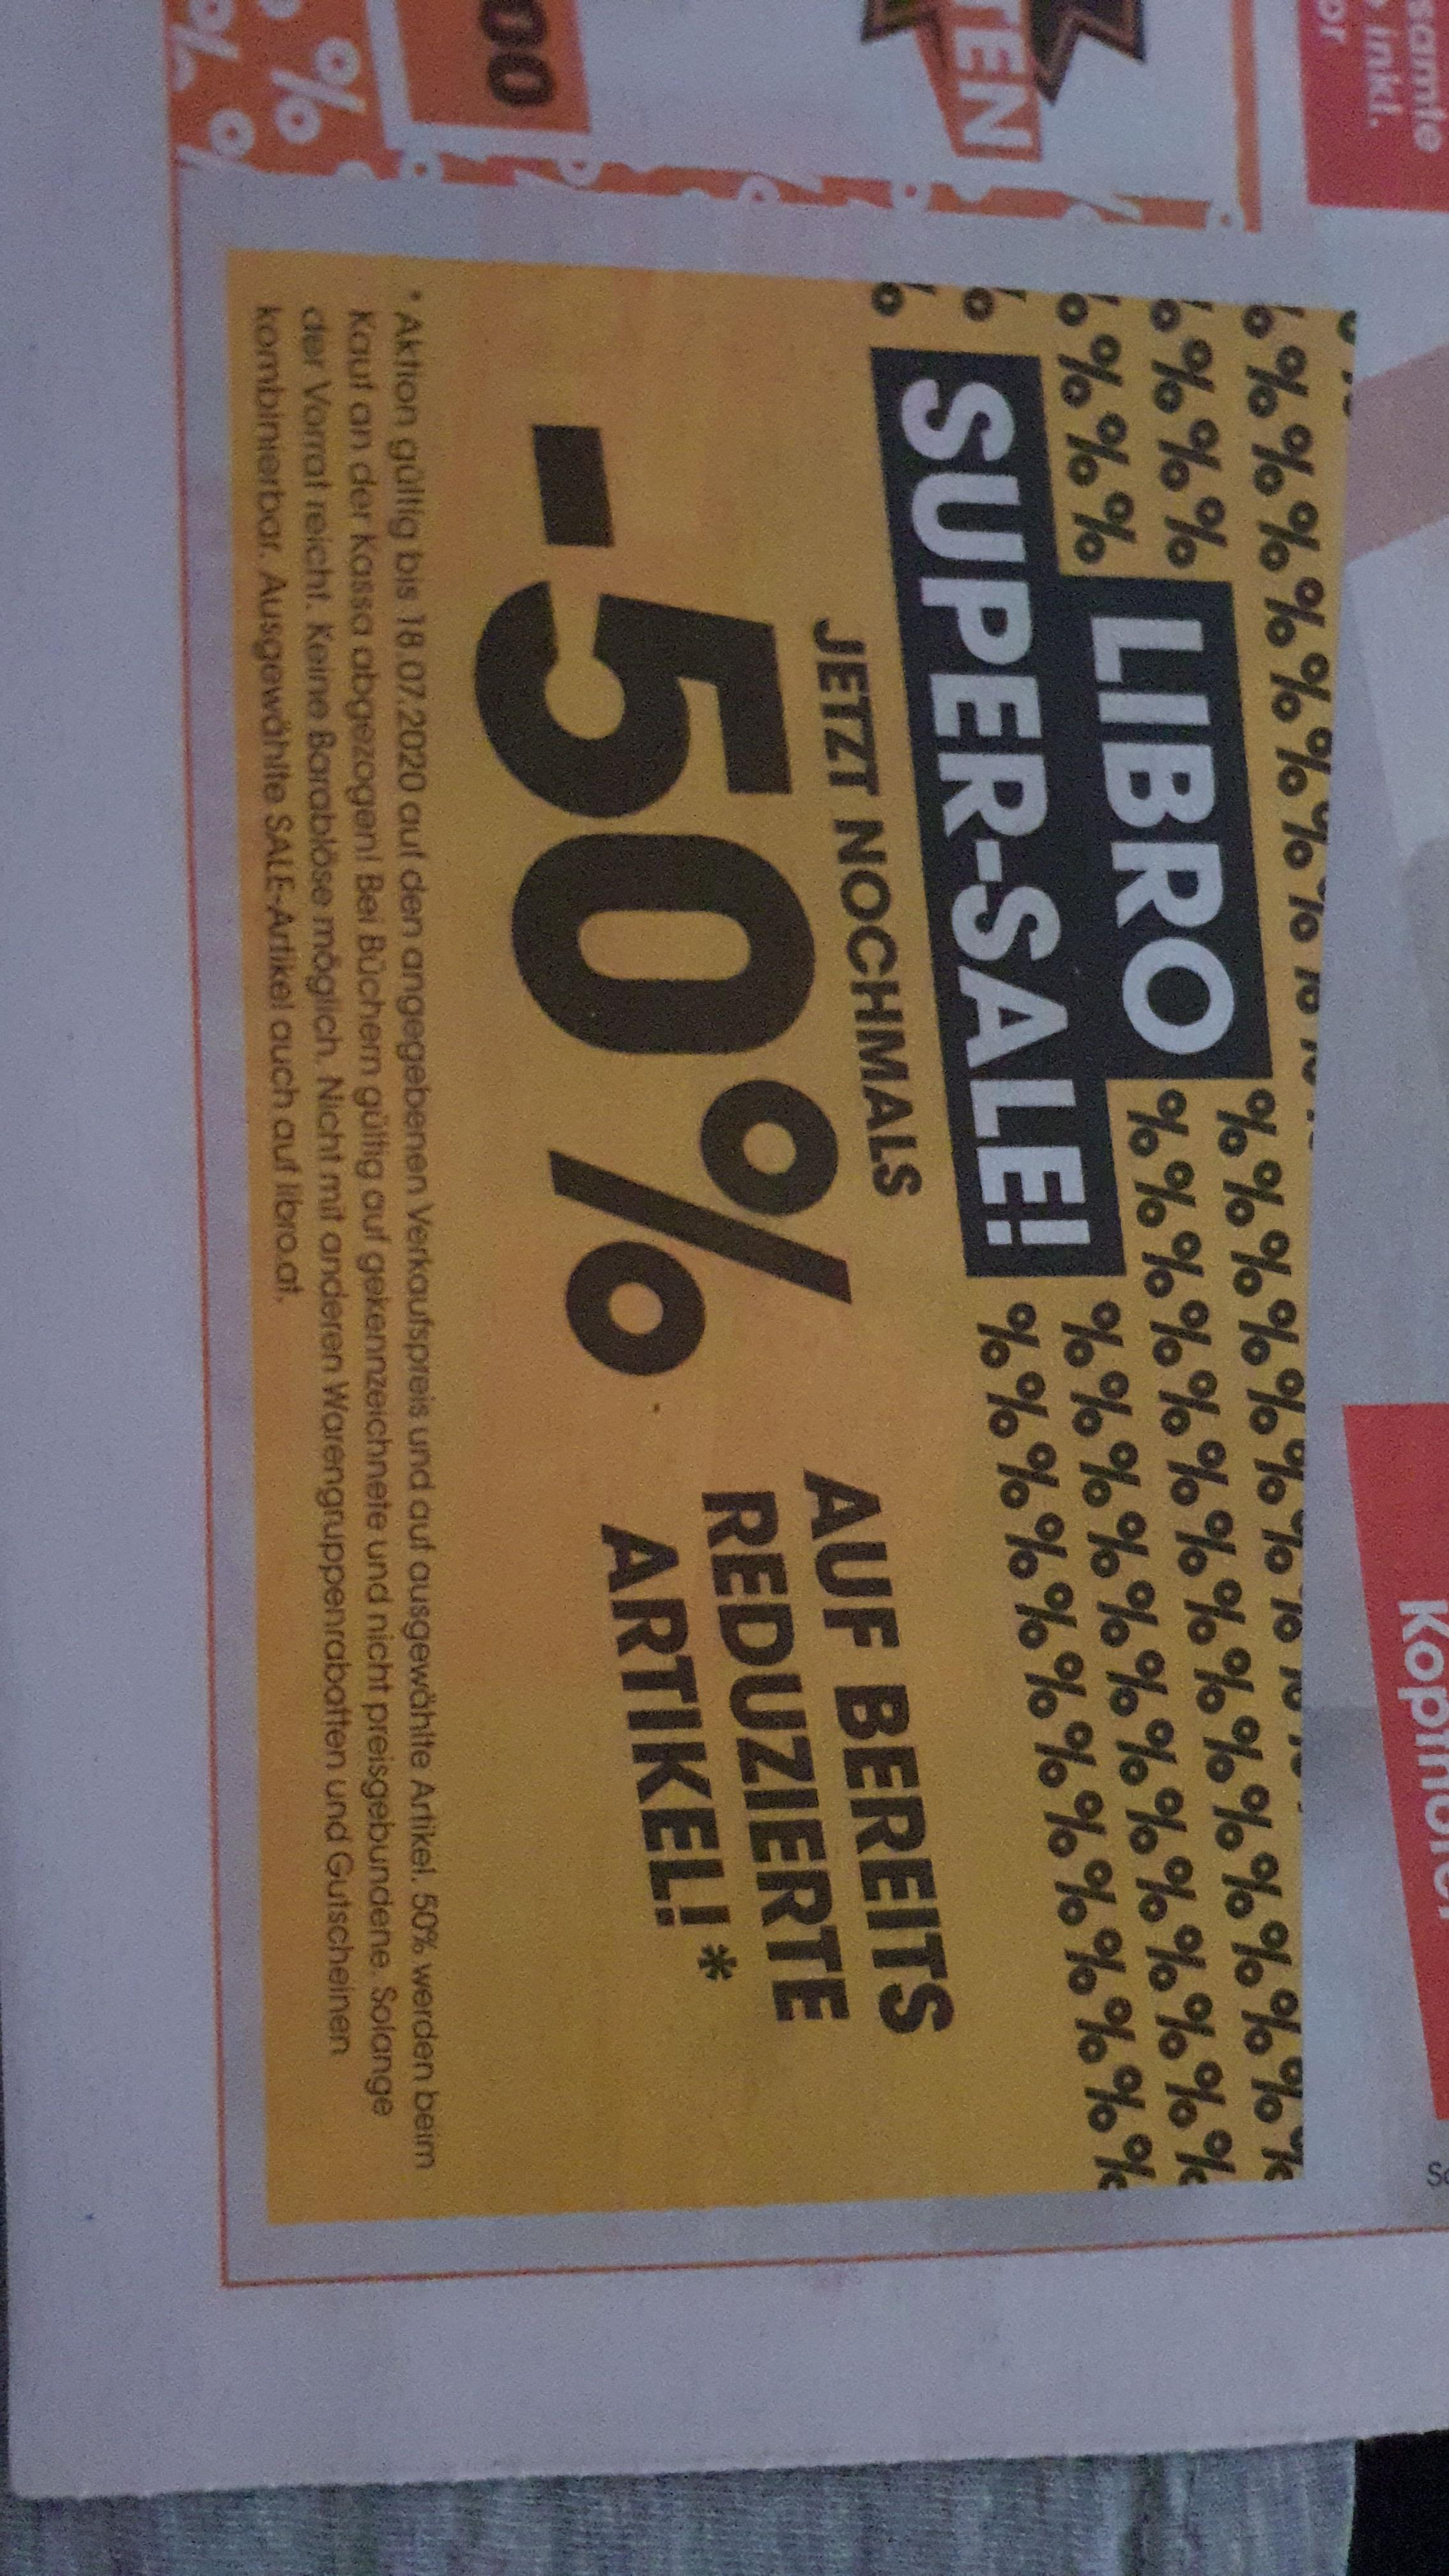 LIBRO -50% auf bereits reduzierte Artikel